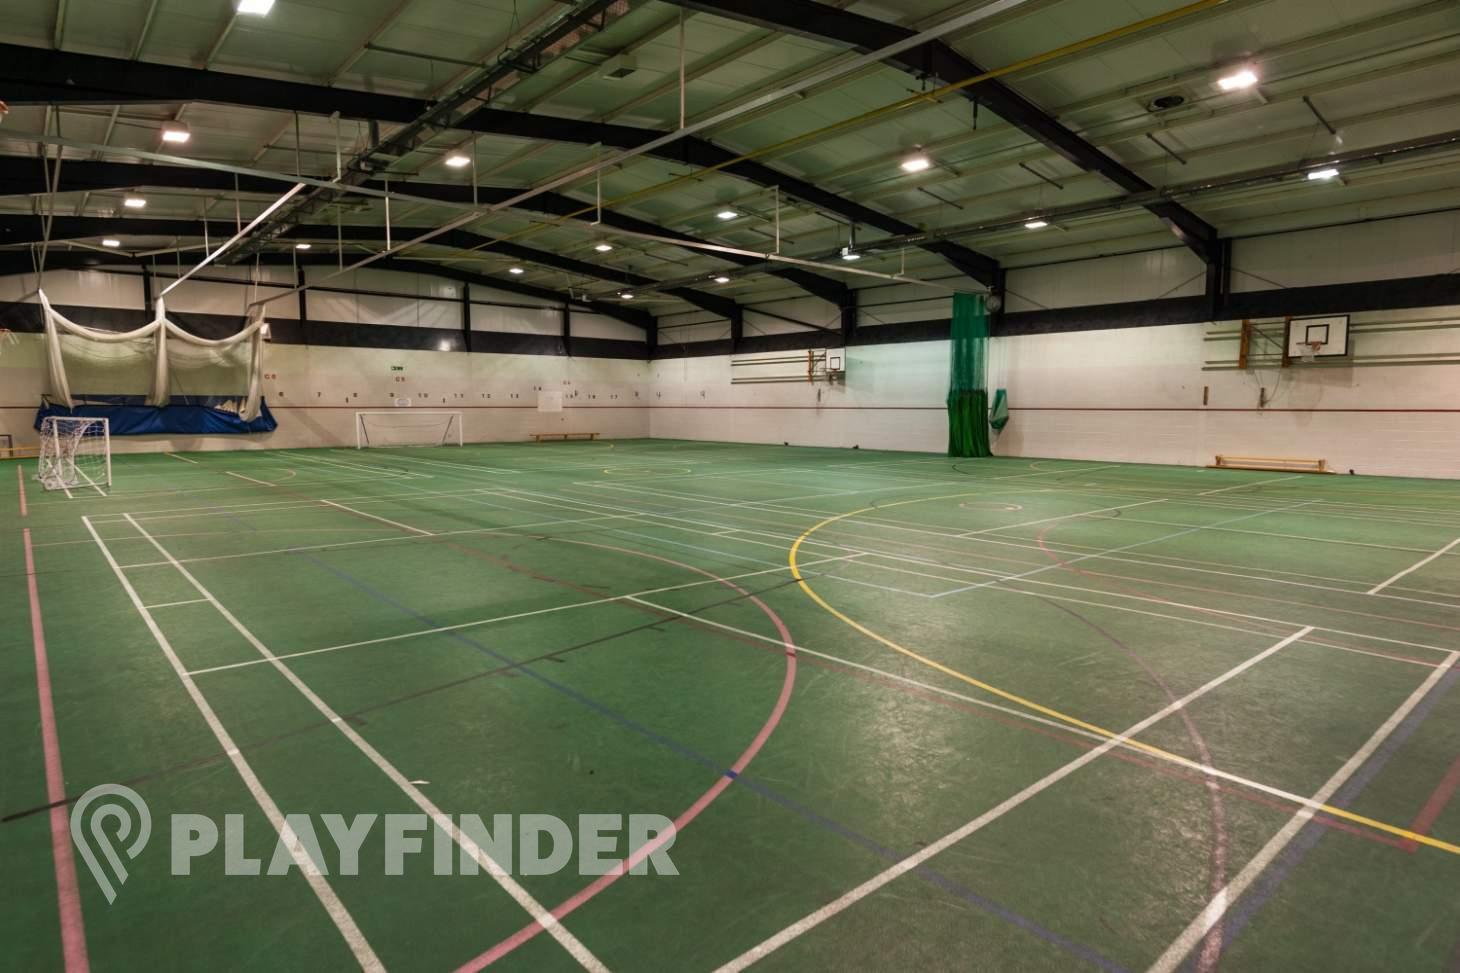 Sale High School Indoor netball court